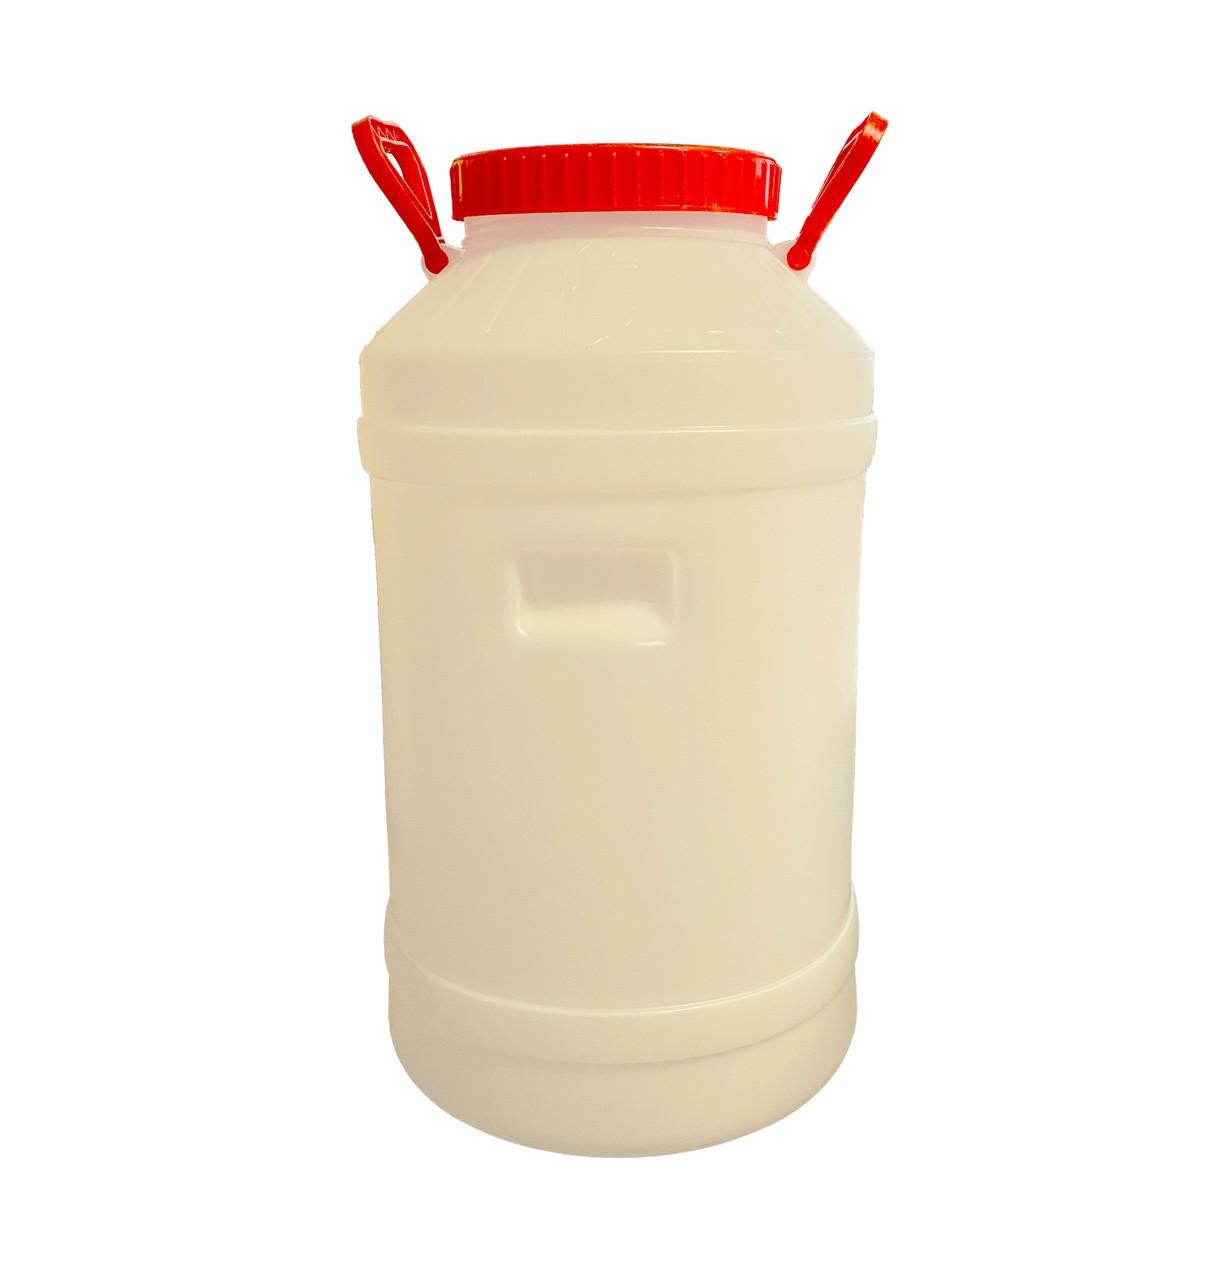 Бідон (бочка) харчовий пластиковий з прокладкою, 60л, Од